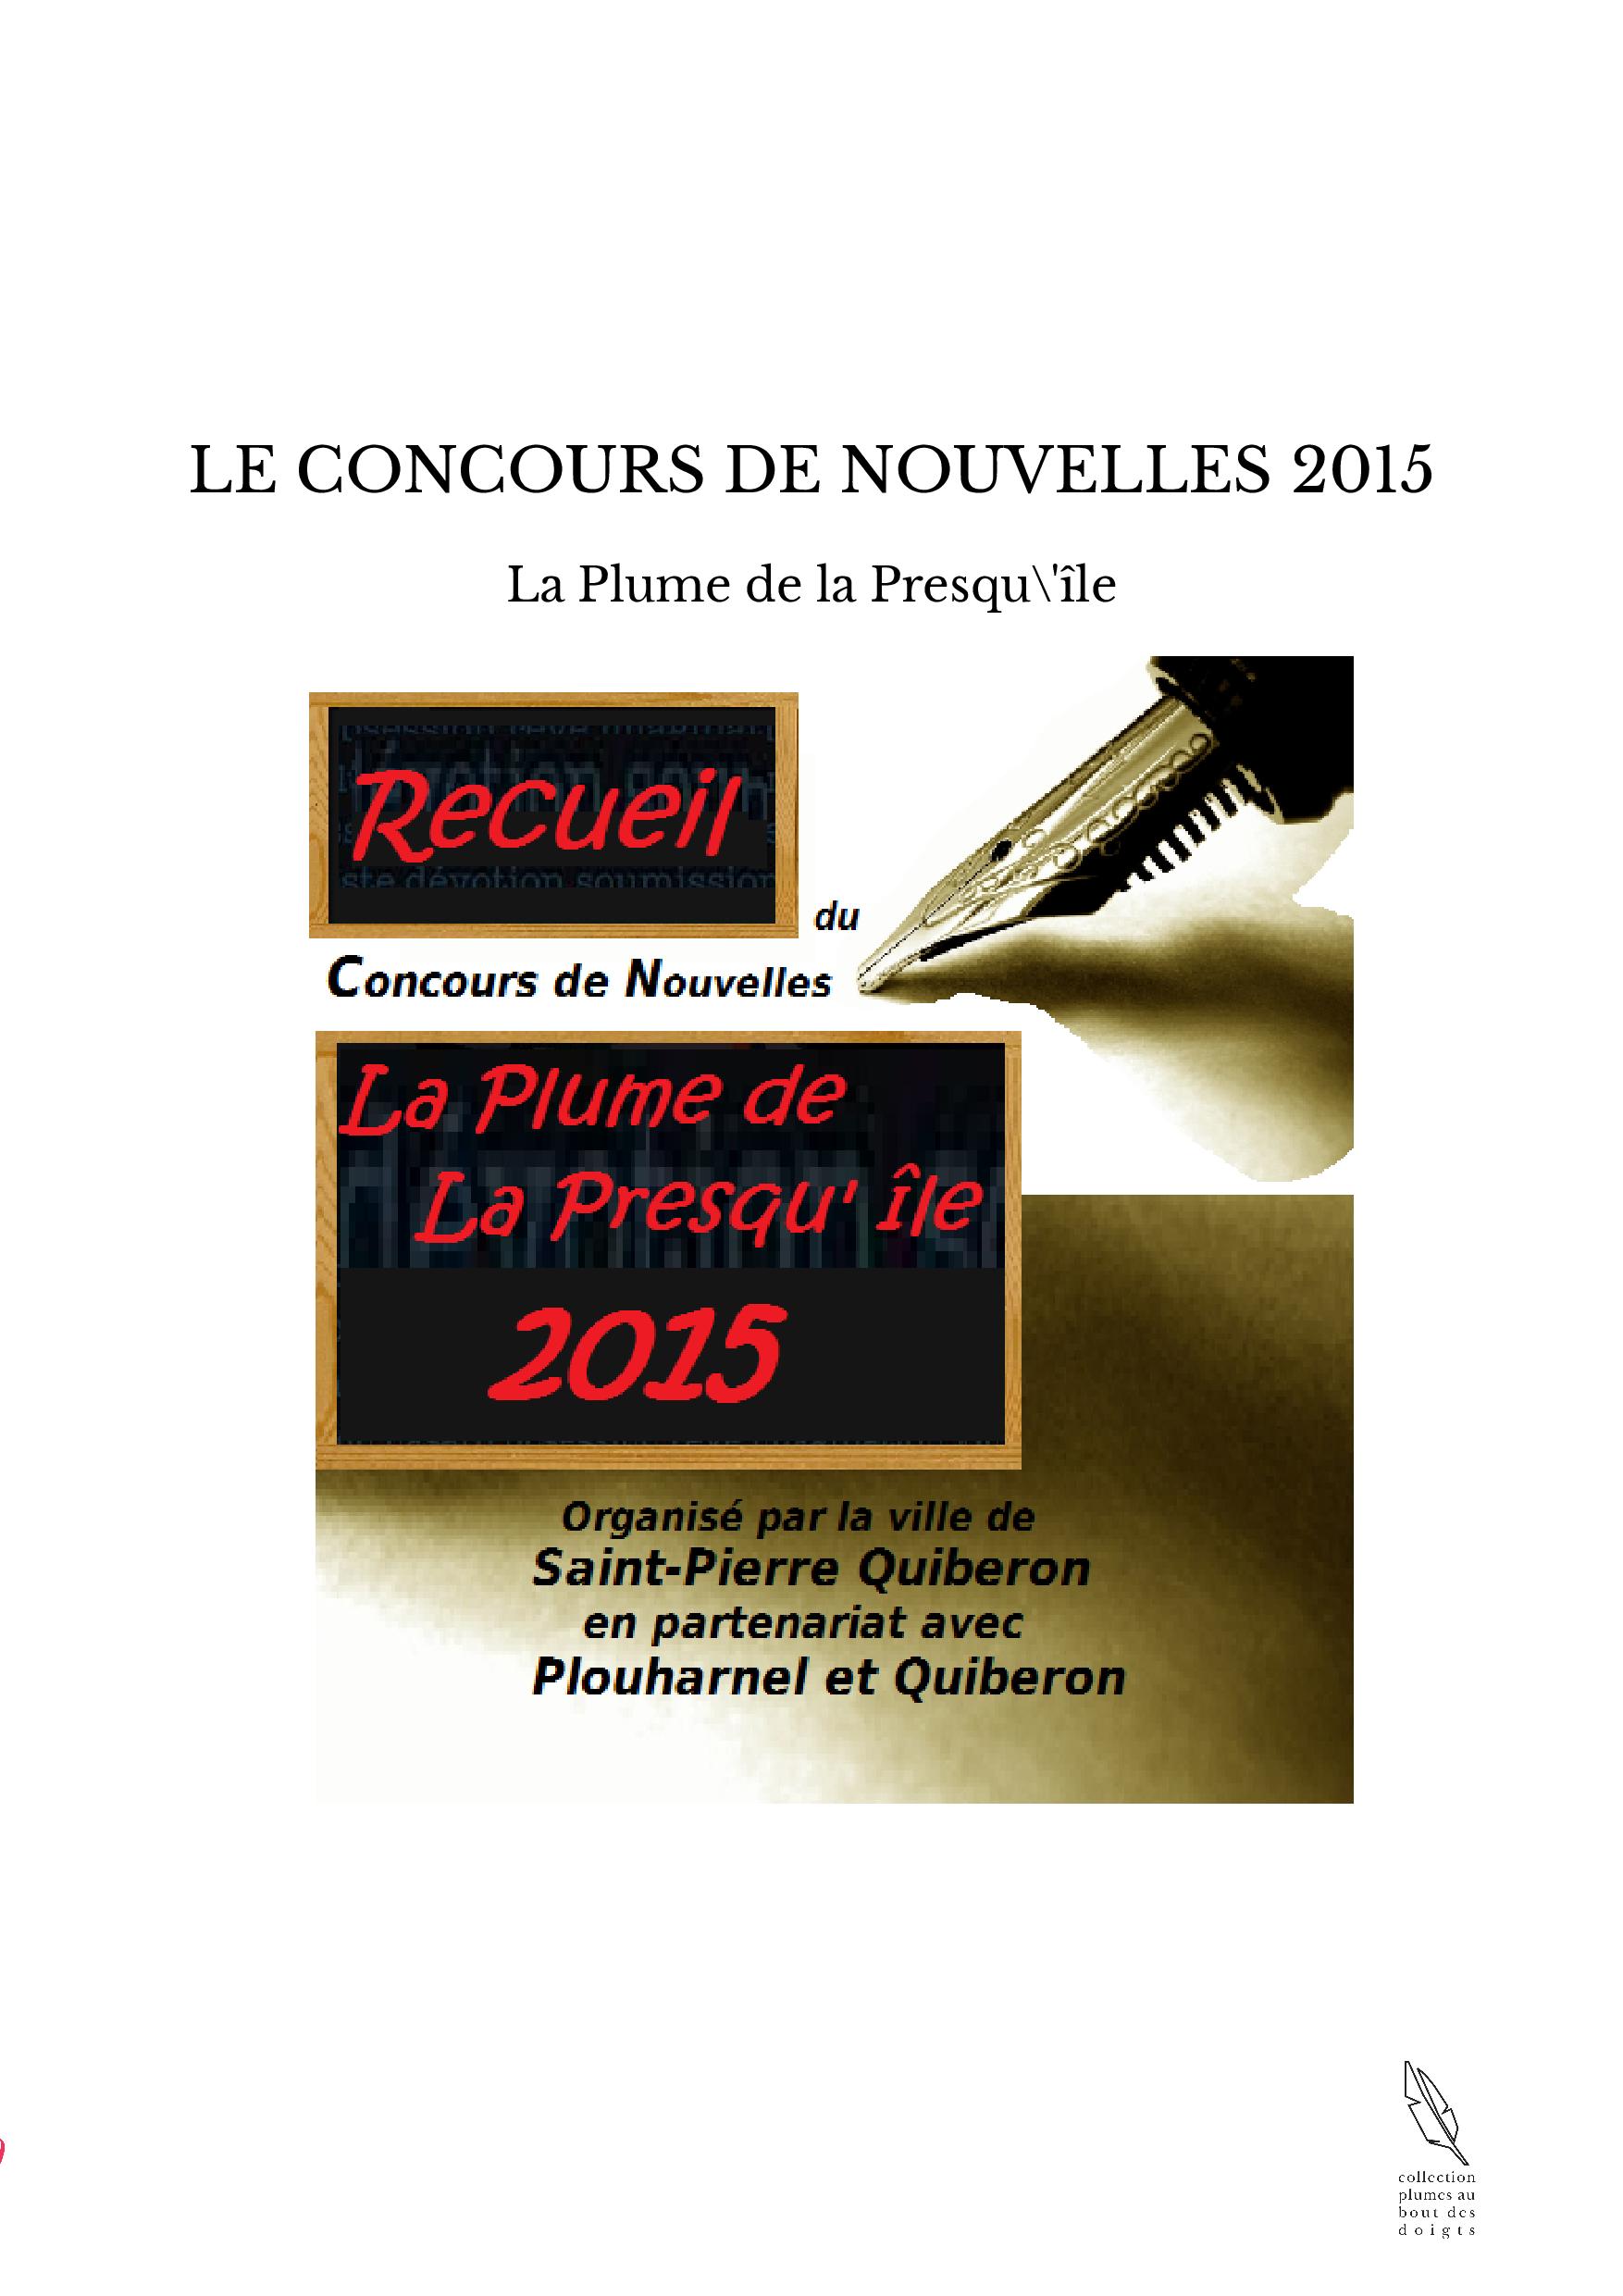 LE CONCOURS DE NOUVELLES 2015